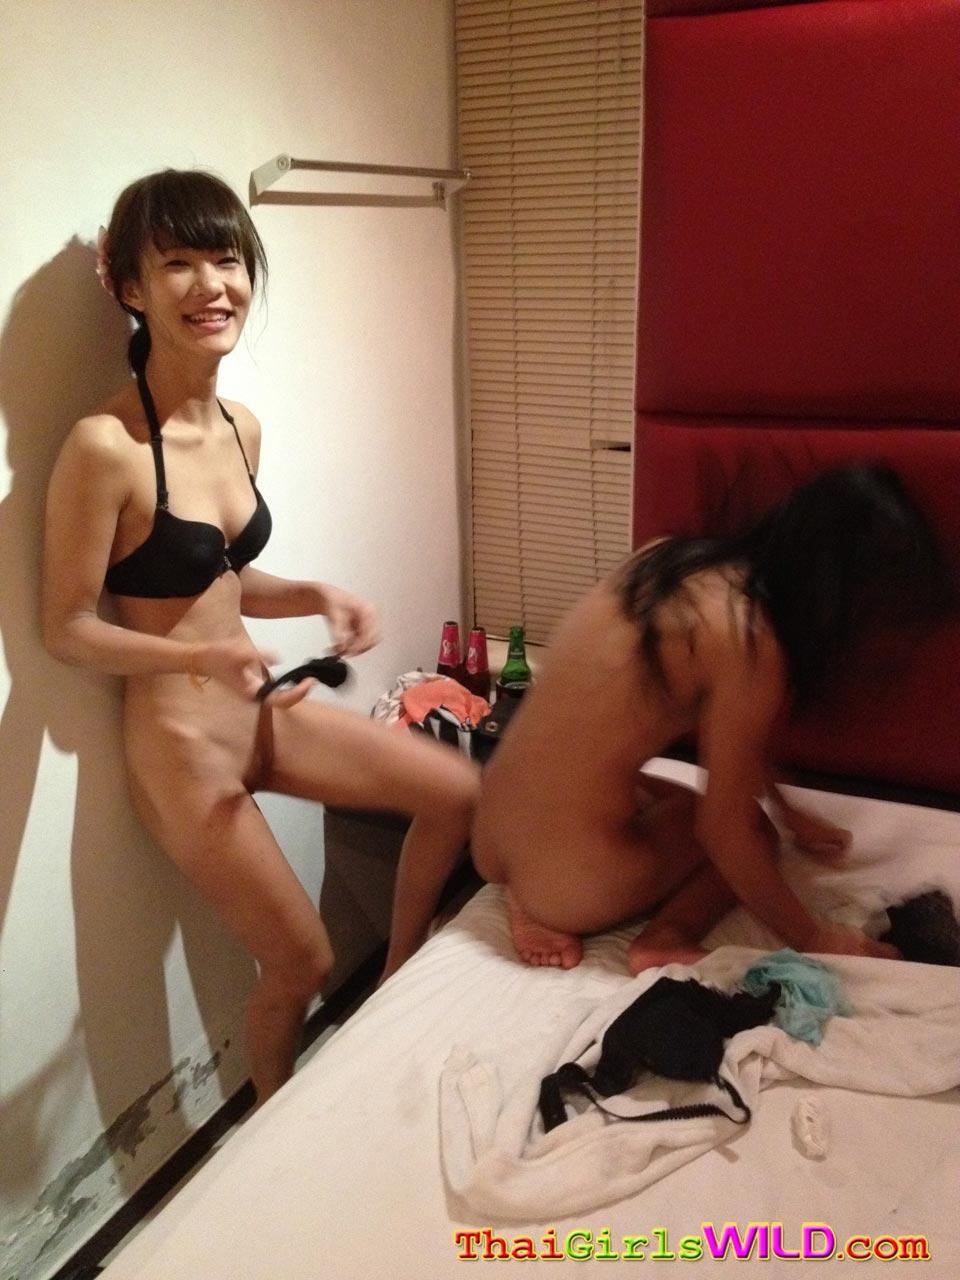 Hot Chinese Girls Having Sex